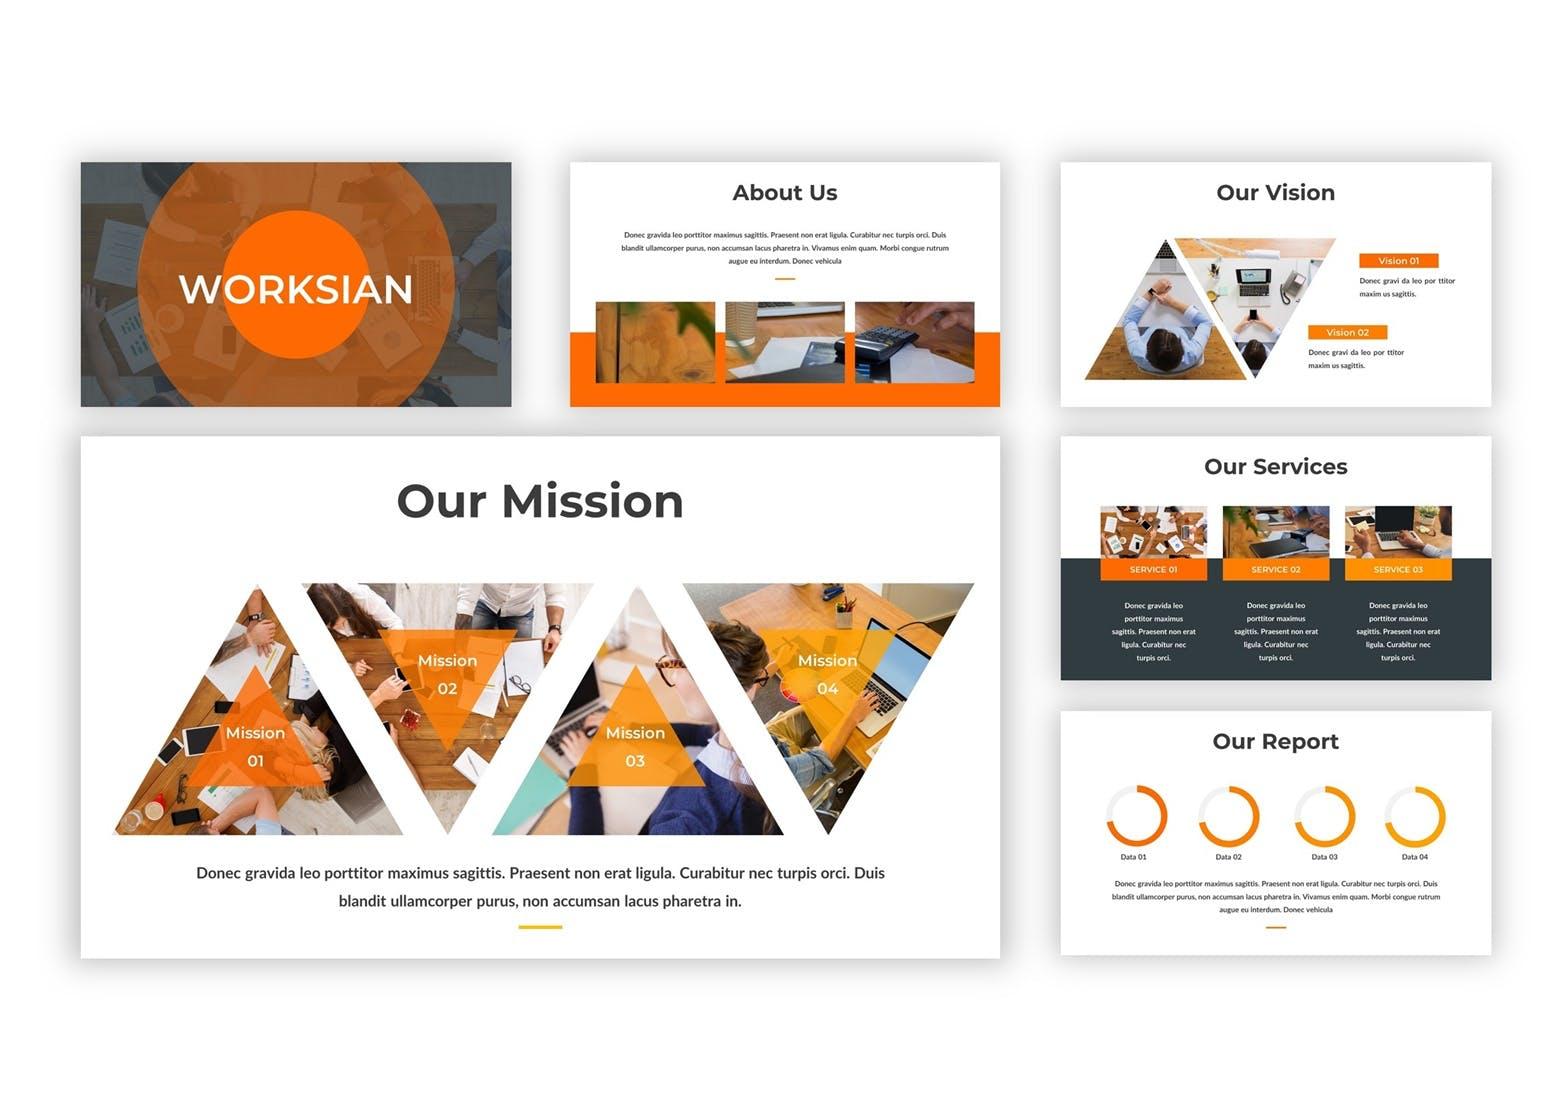 市场策划提案PPT幻灯片模板下载Worksian Google Slides Template插图(2)